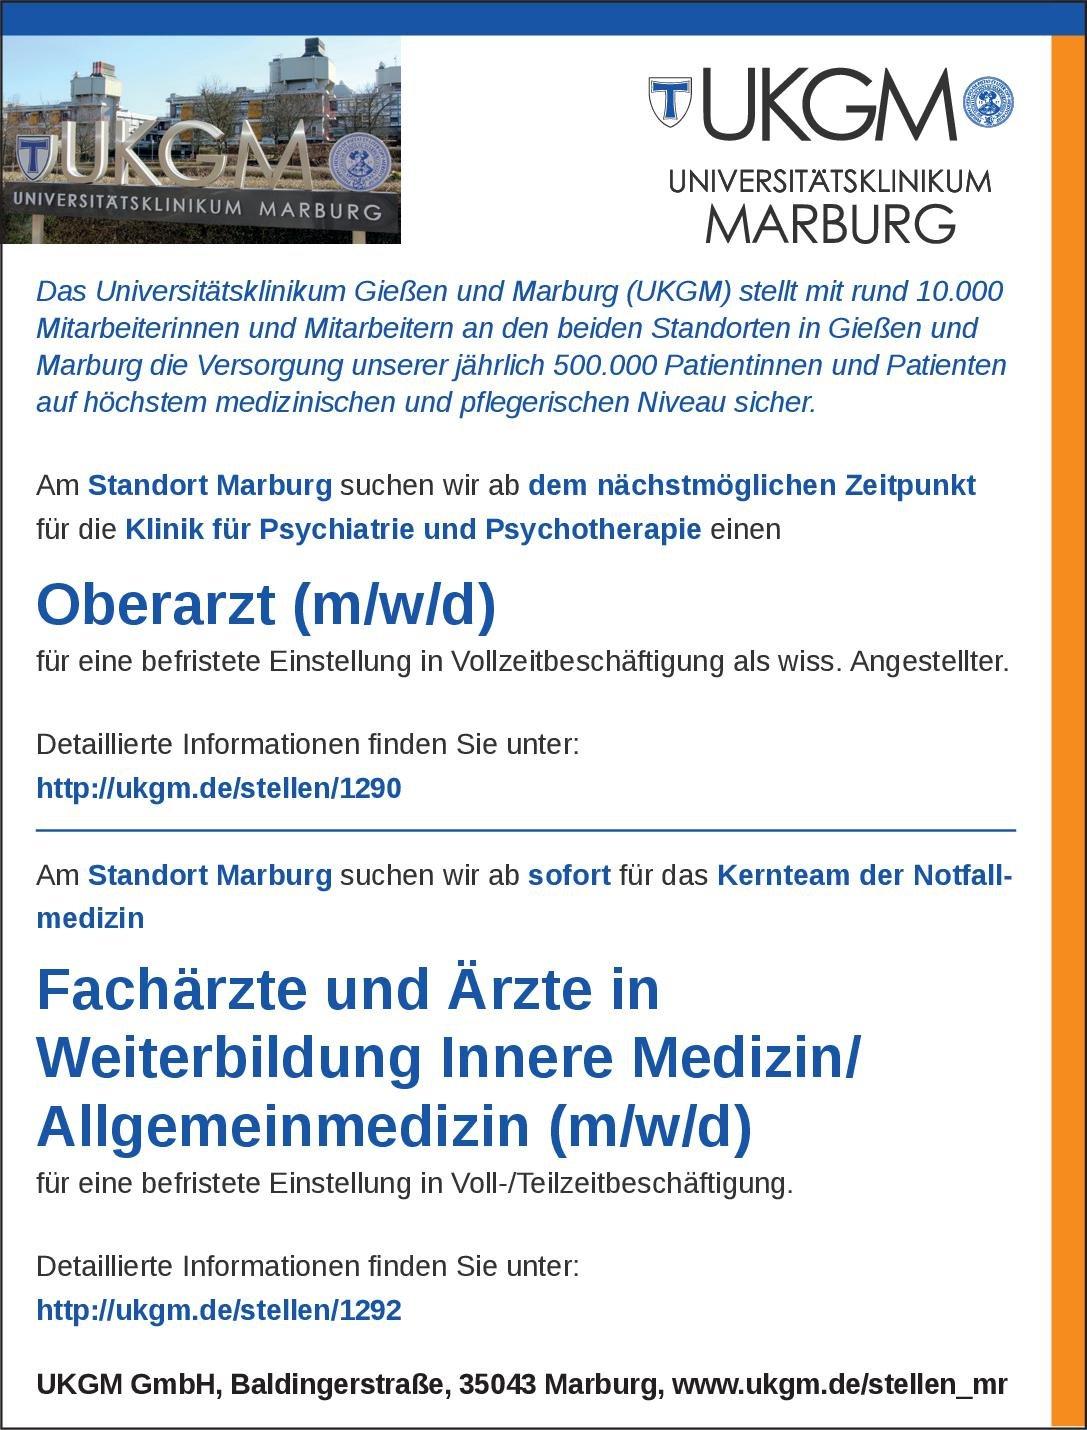 Universitätsklinikum Gießen und Marburg (UKGM) Fachärzte und Ärzte in Weiterbildung Innere Medizin/Allgemeinmedizin (m/w/d)  Innere Medizin, Allgemeinmedizin, Innere Medizin Arzt / Facharzt